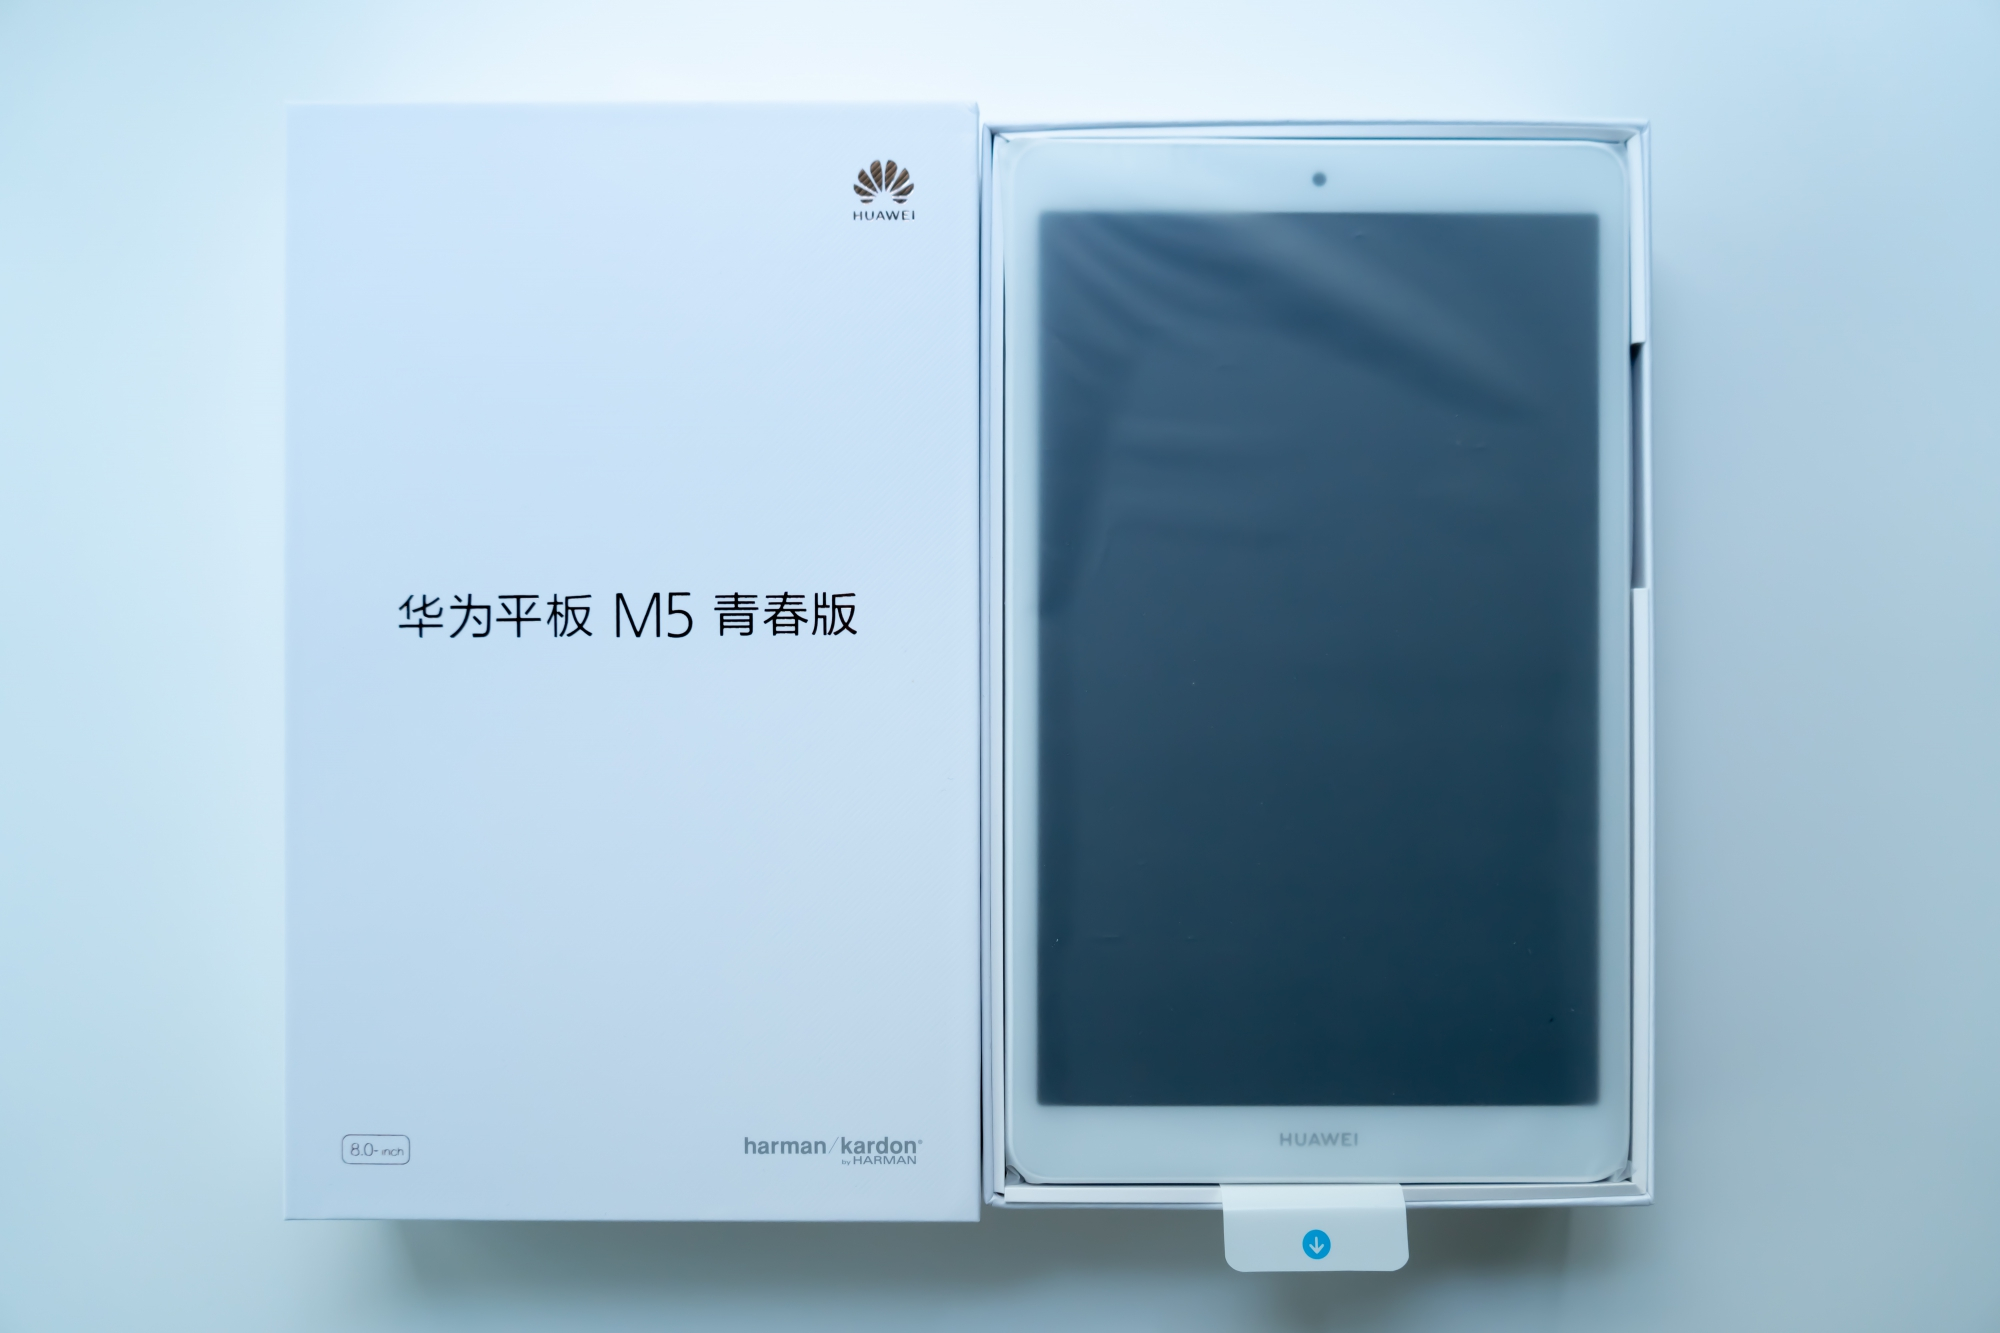 华为平板M5青春版8.0寸-00377.jpg